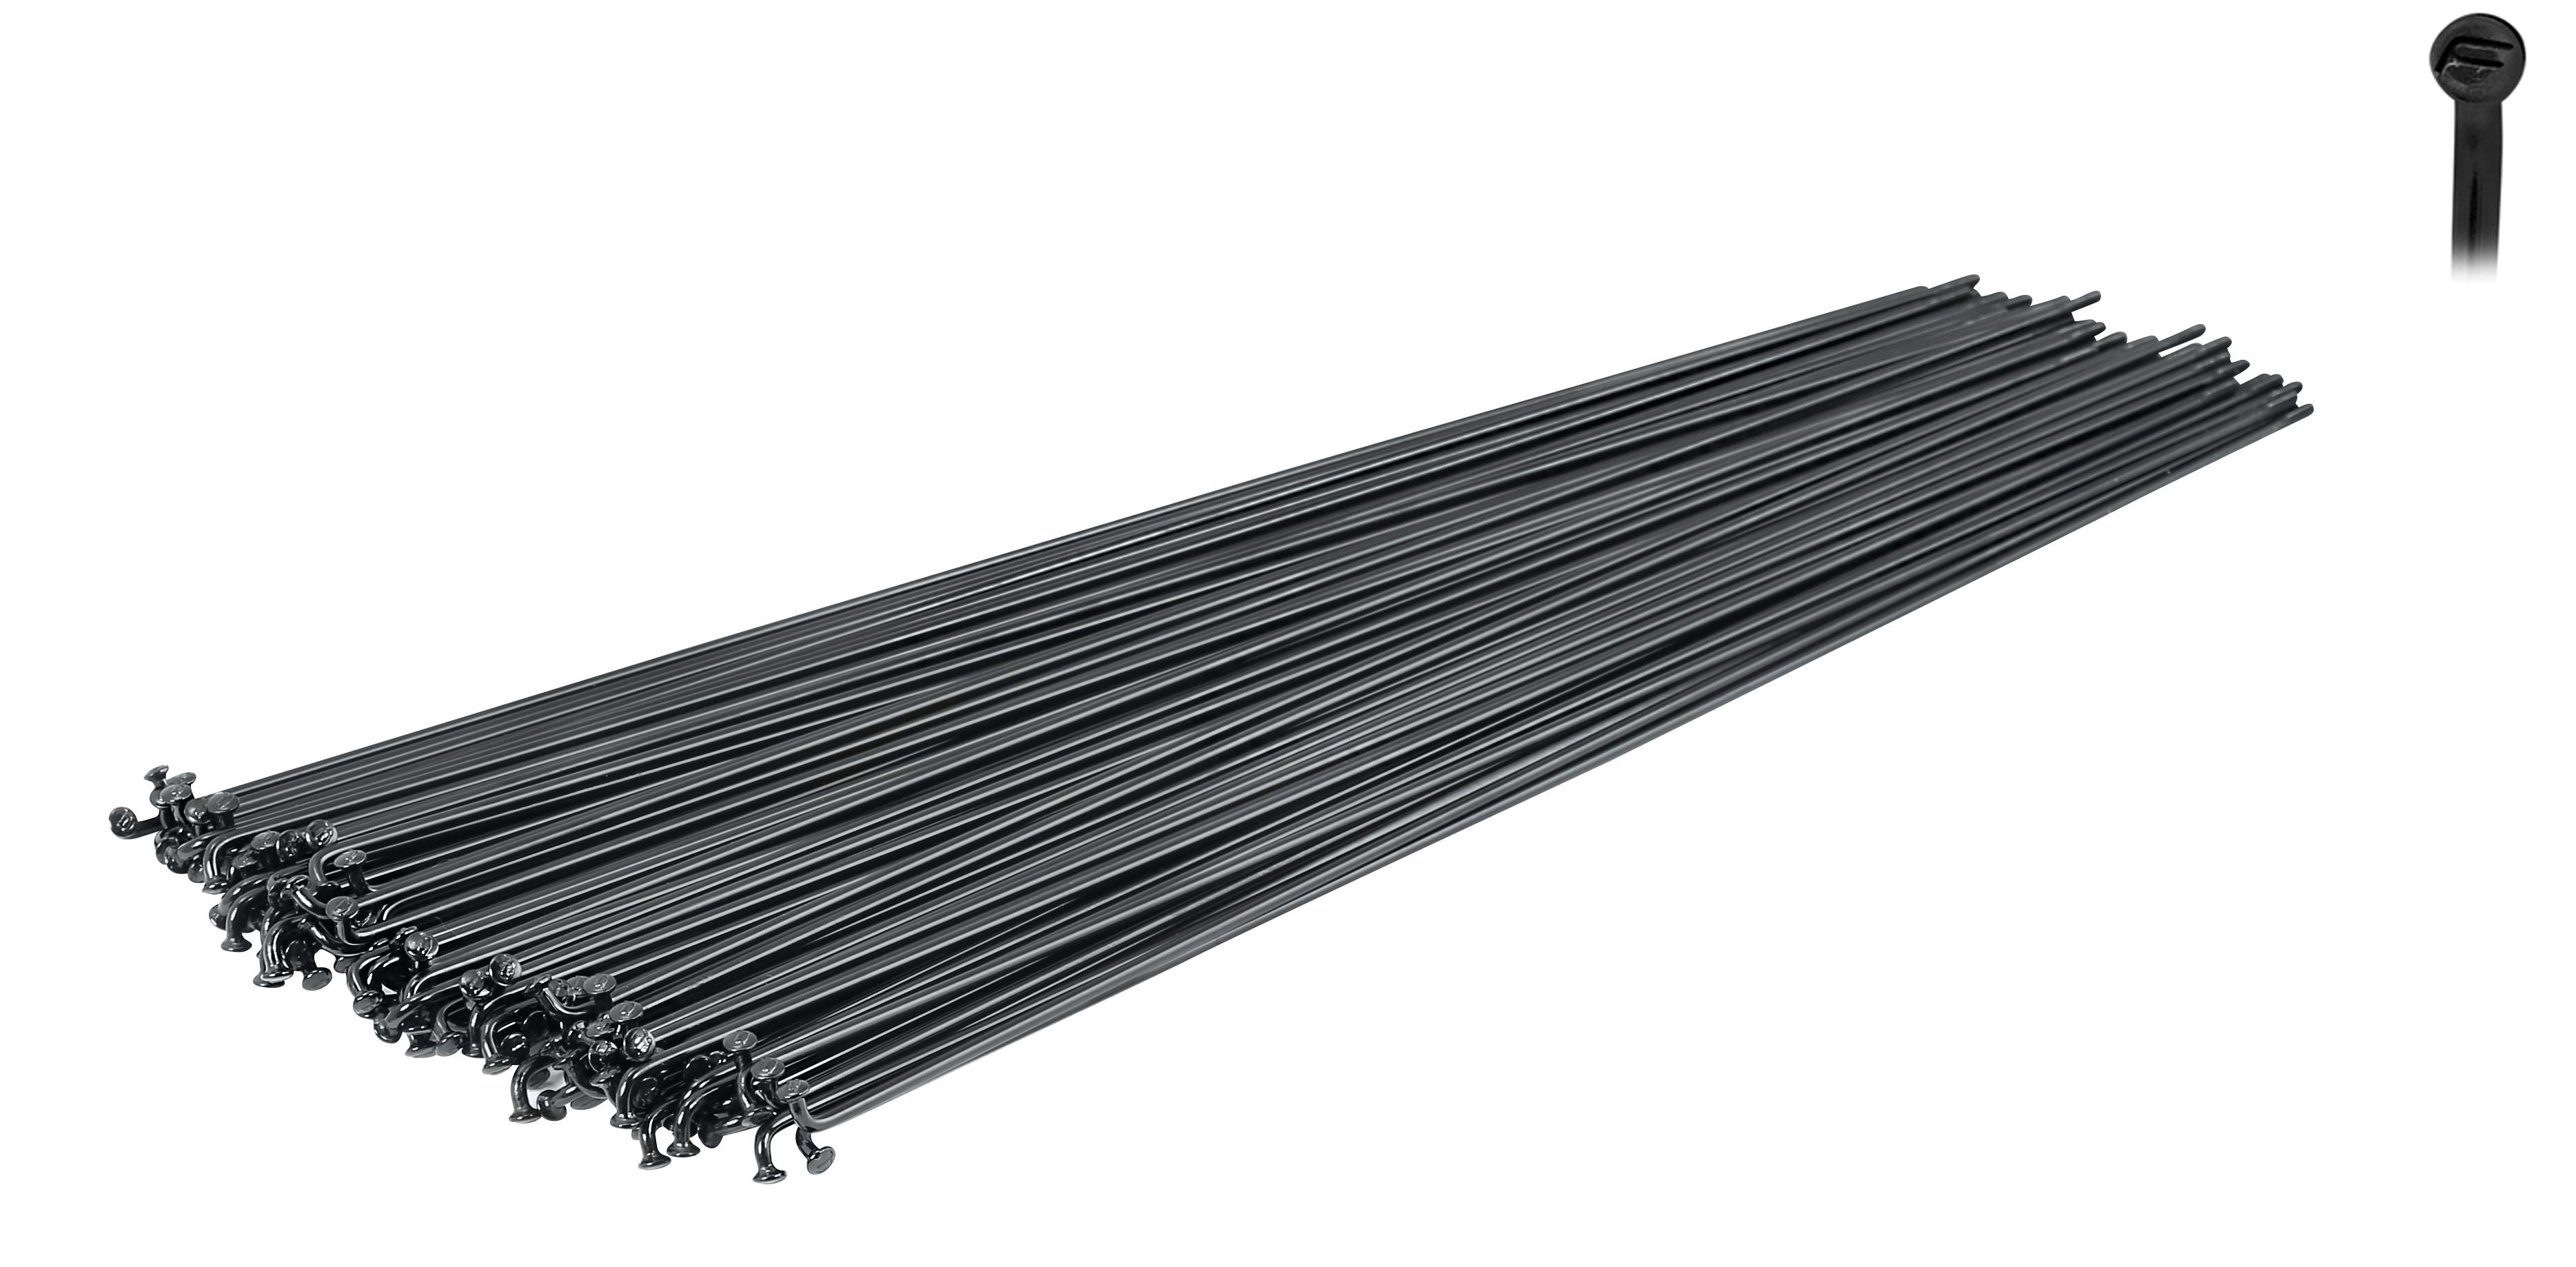 dráty FORCE nerez černé 2 mm x 266 mm